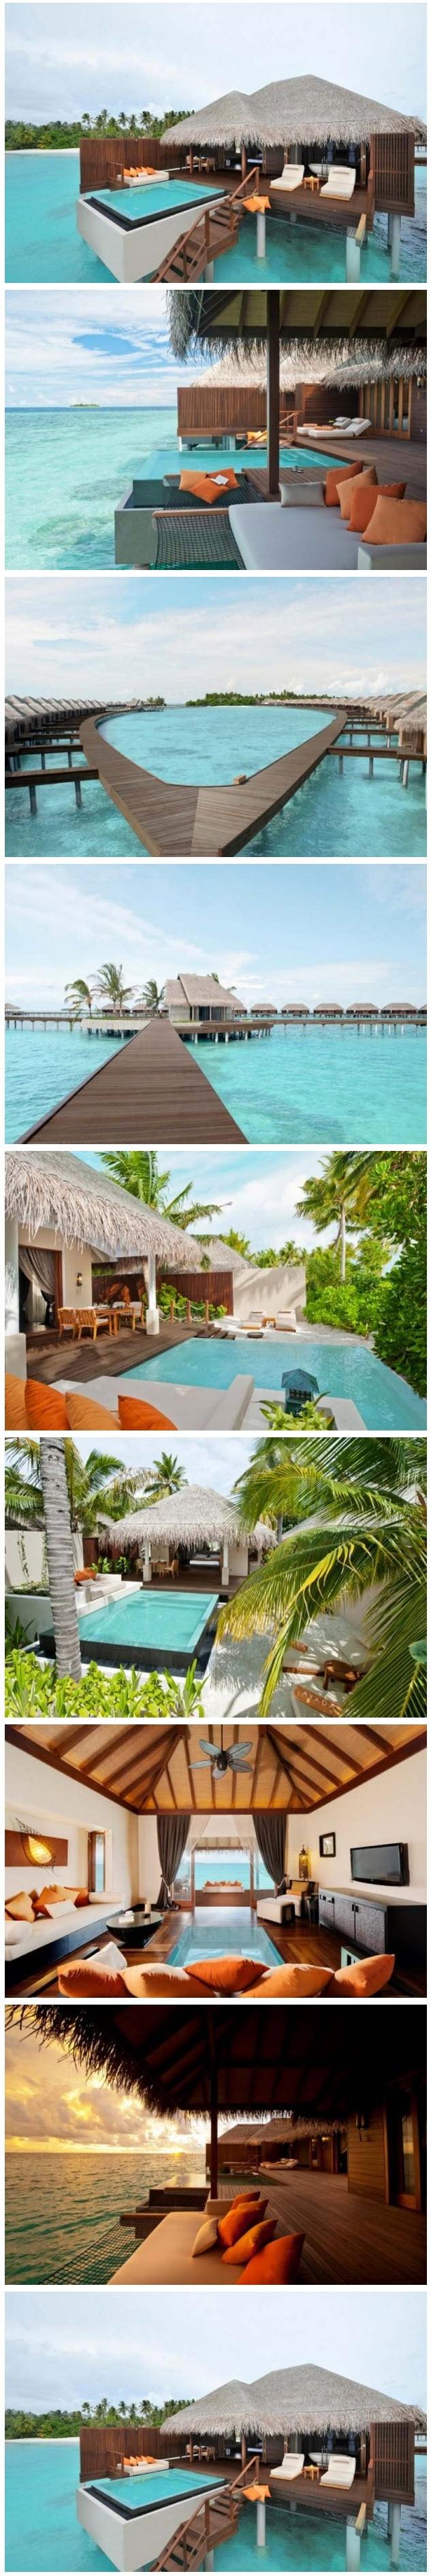 Ayada MaldivesMaldives Resort